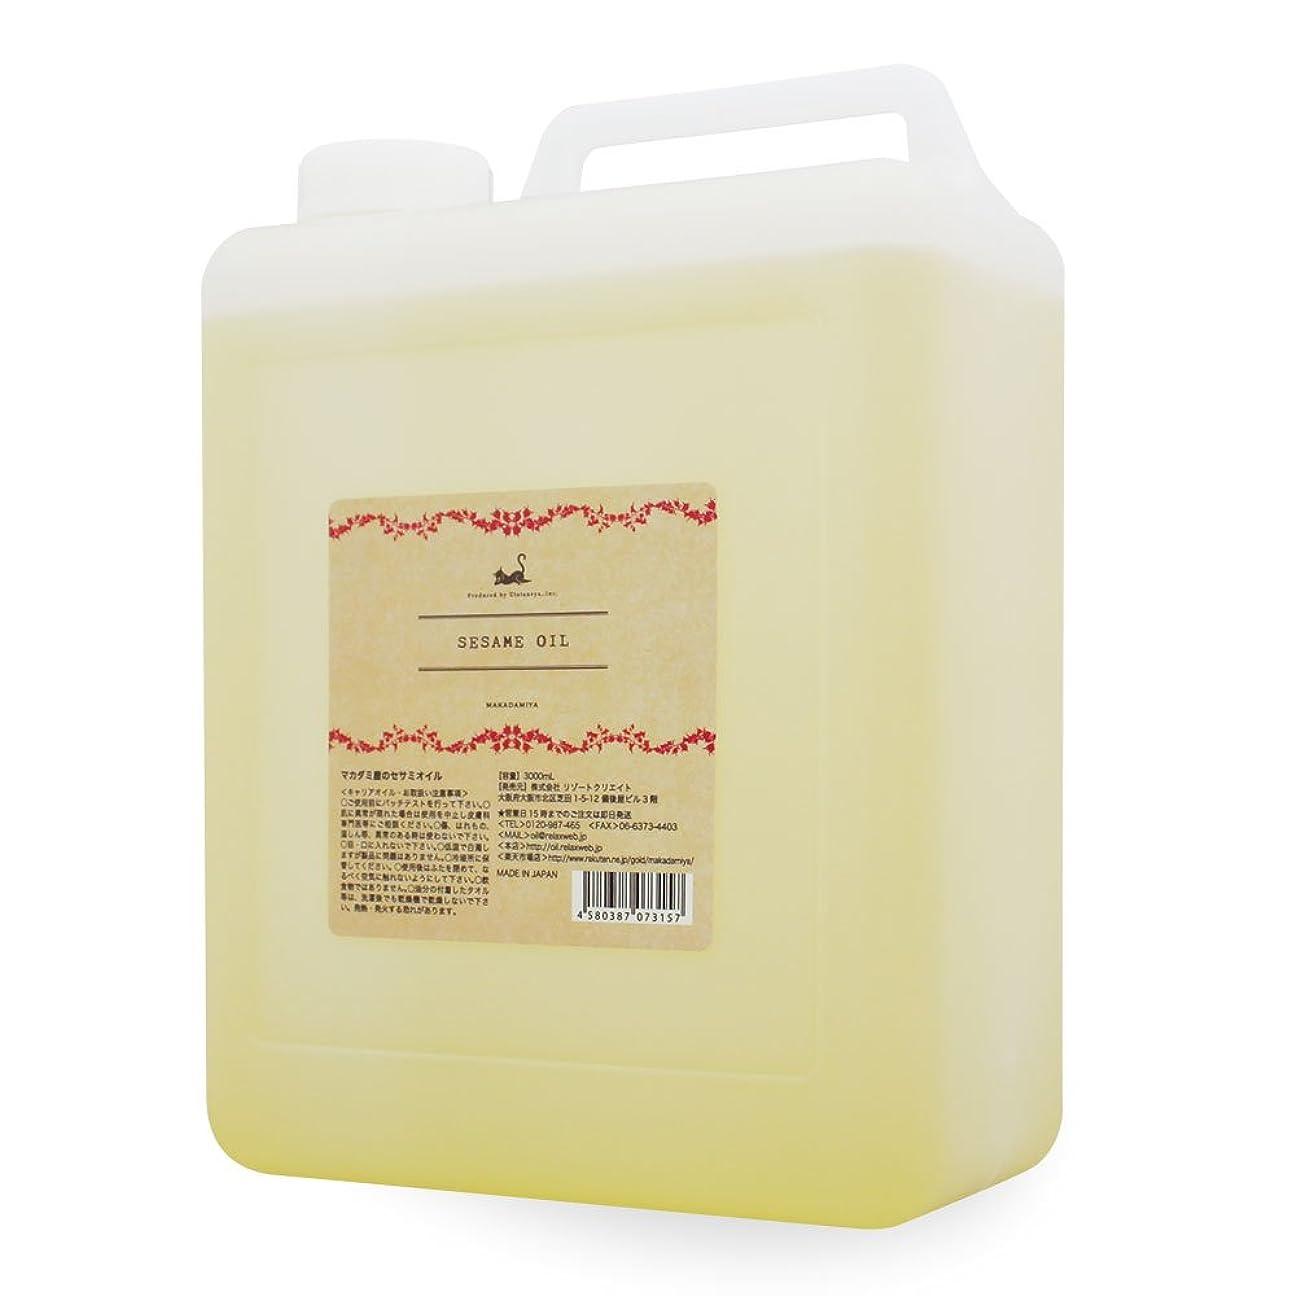 吸収米国端セサミオイル3000ml (白ゴマ油/コック付) 高級サロン仕様 マッサージオイル キャリアオイル (フェイス/ボディ用) 業務用?大容量